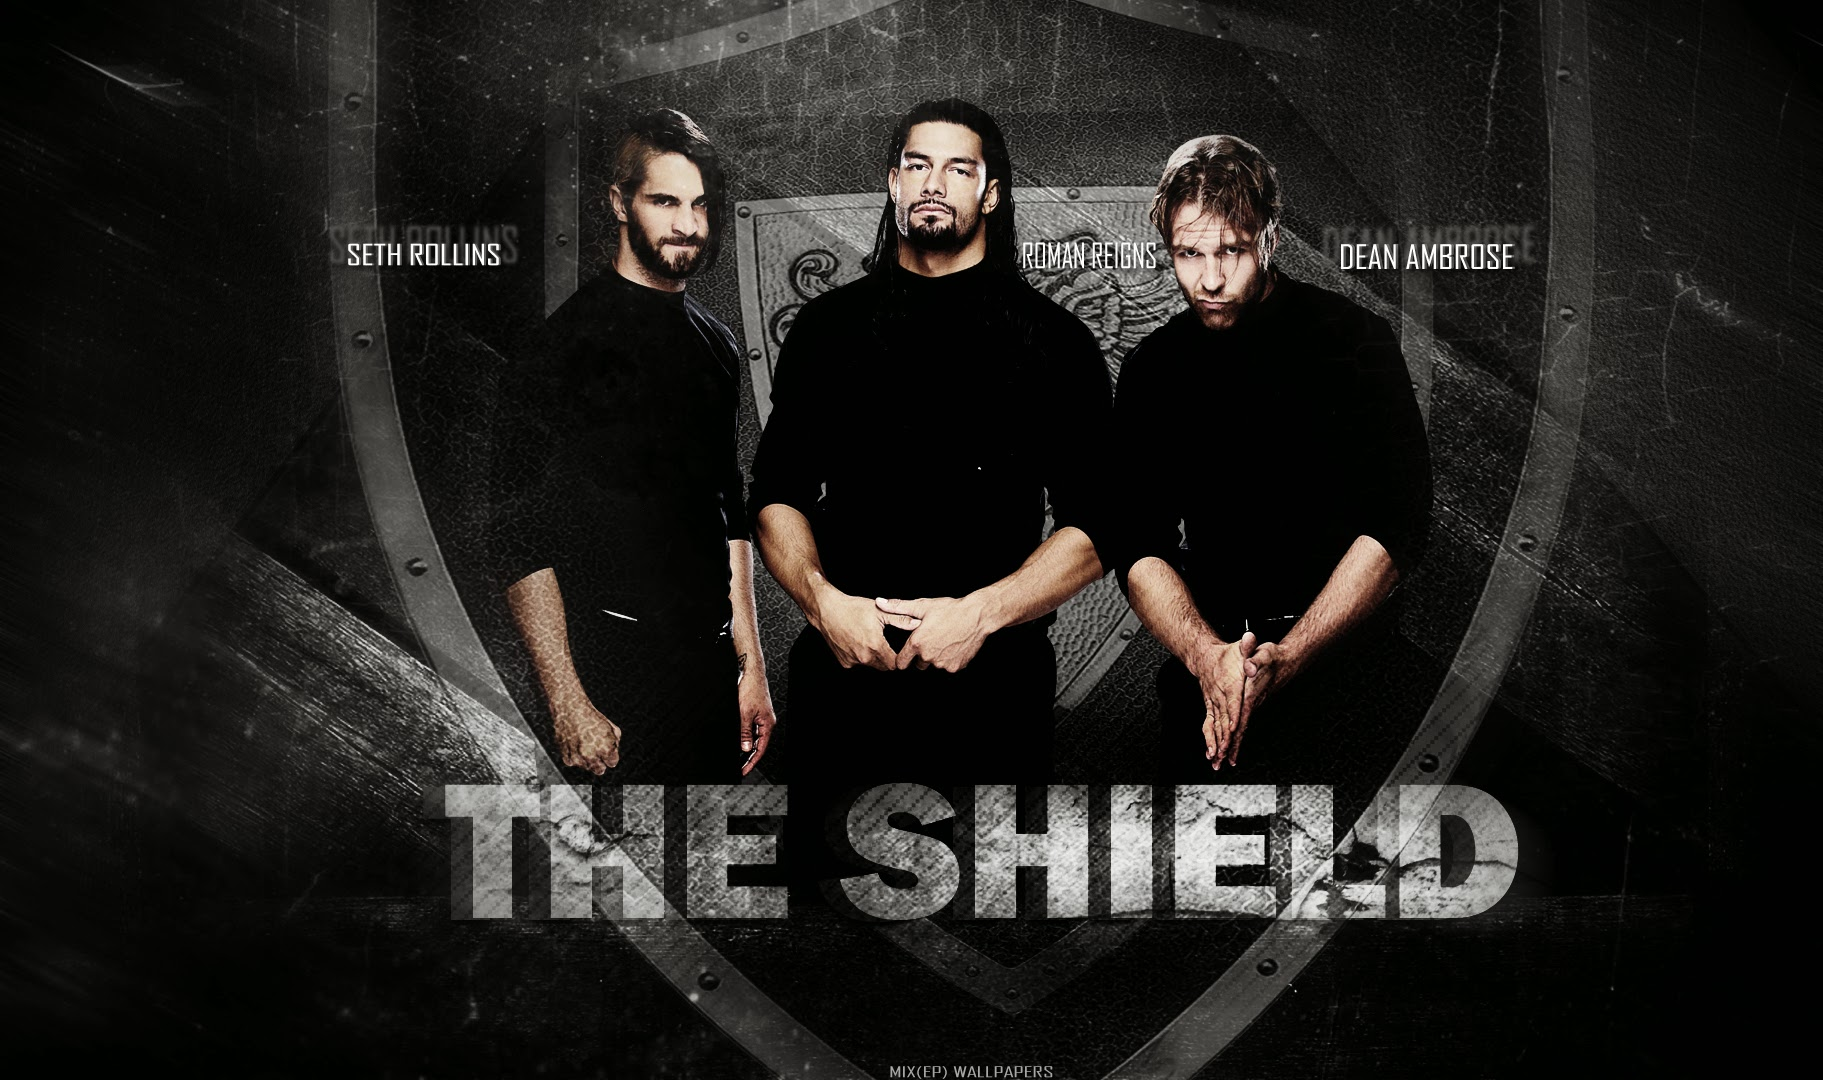 Believe In The Shield - WWE Wallpaper 1920x1080 by Angelus23 on ...